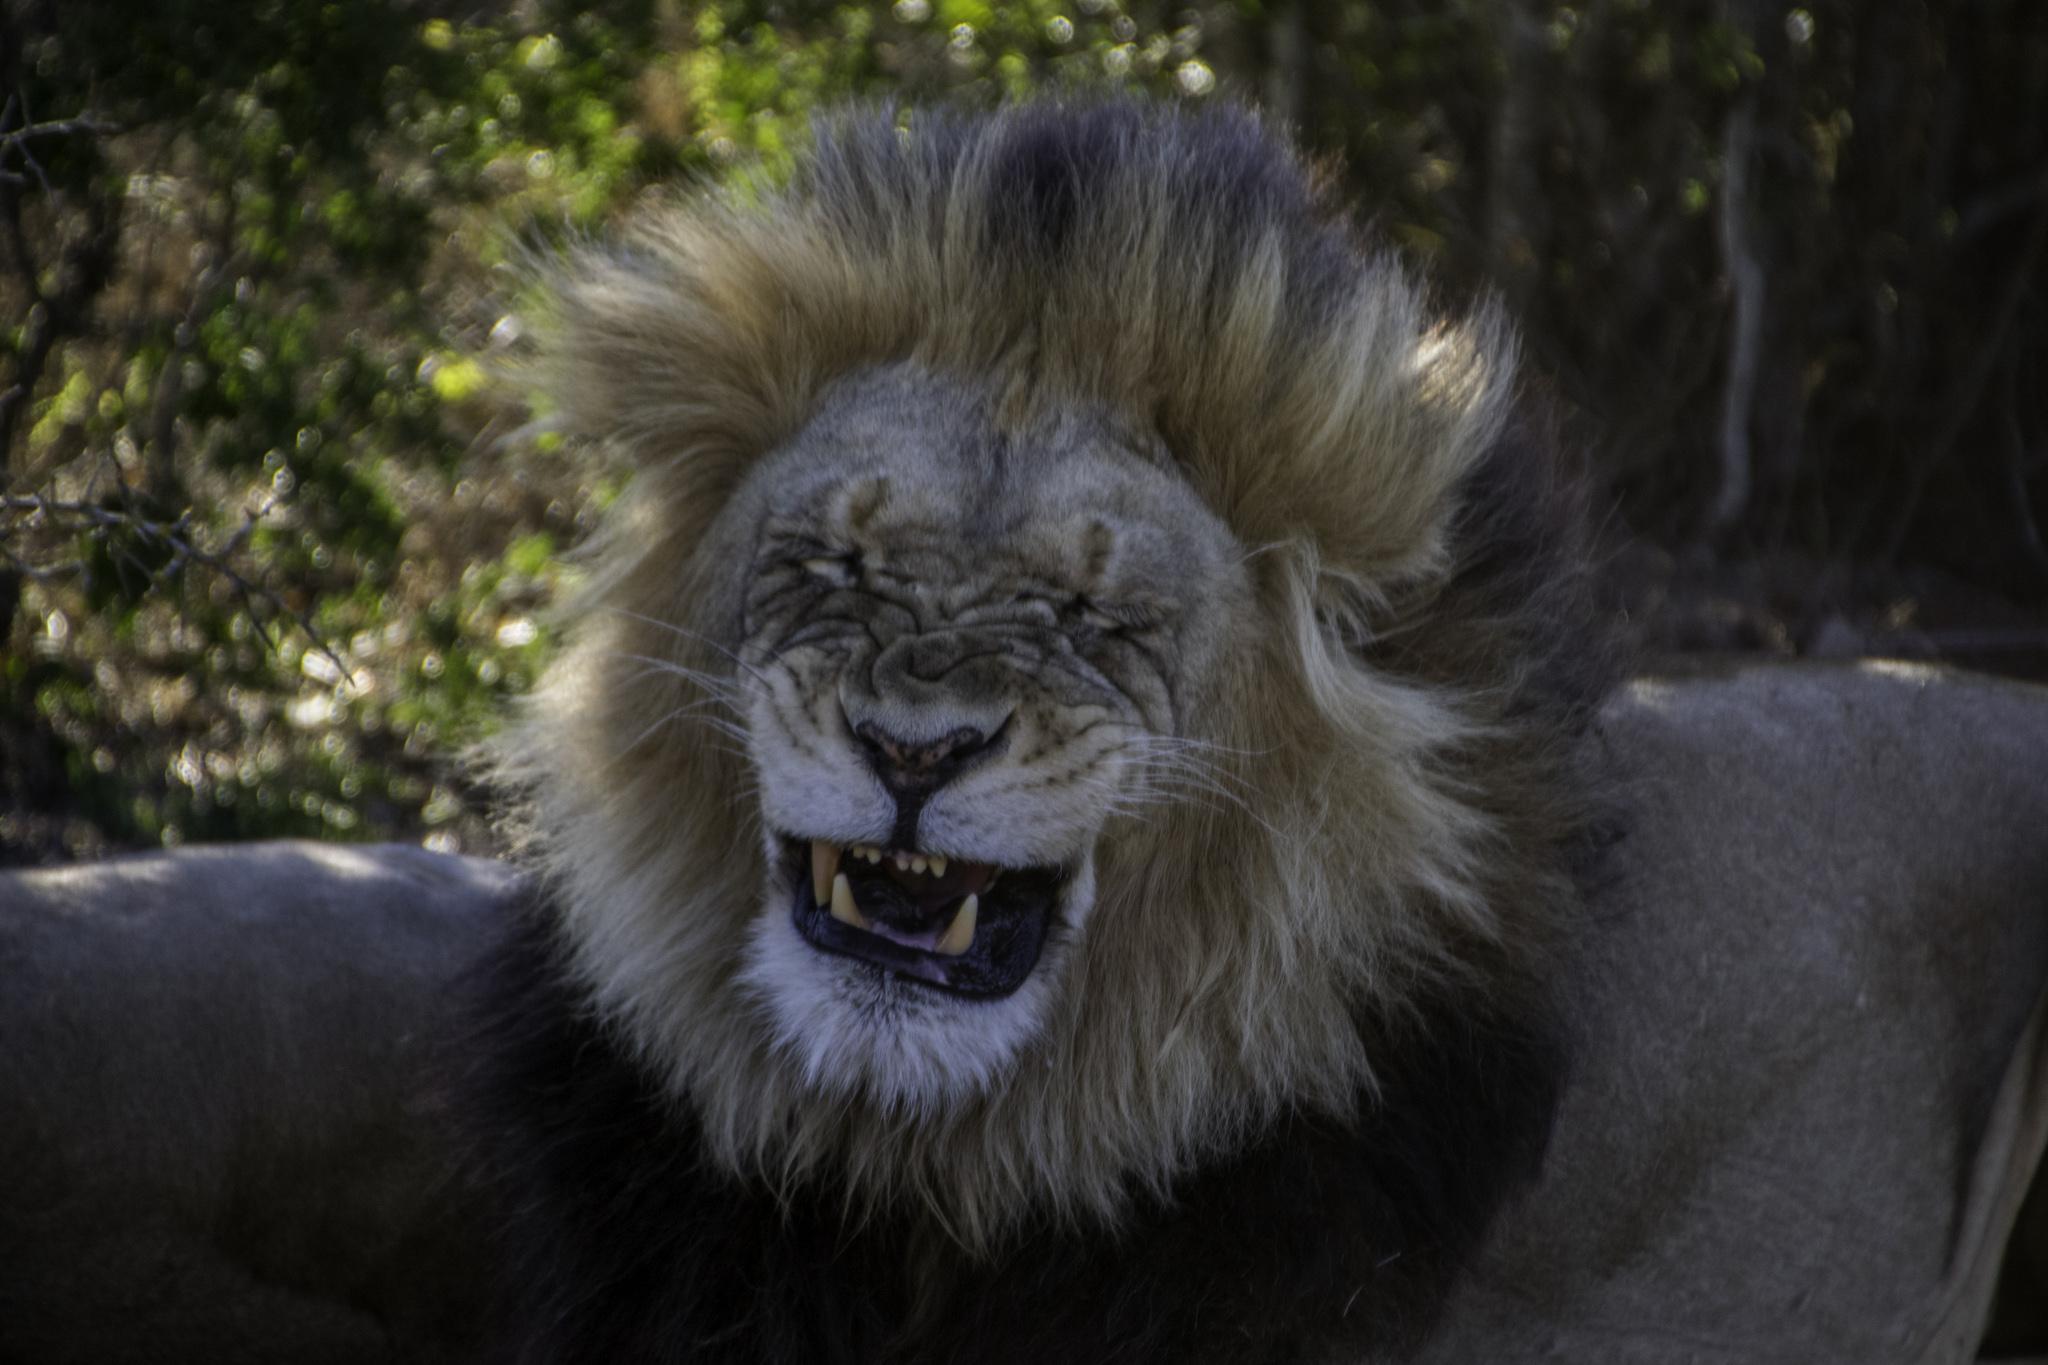 Löwe am niesen, oder so...